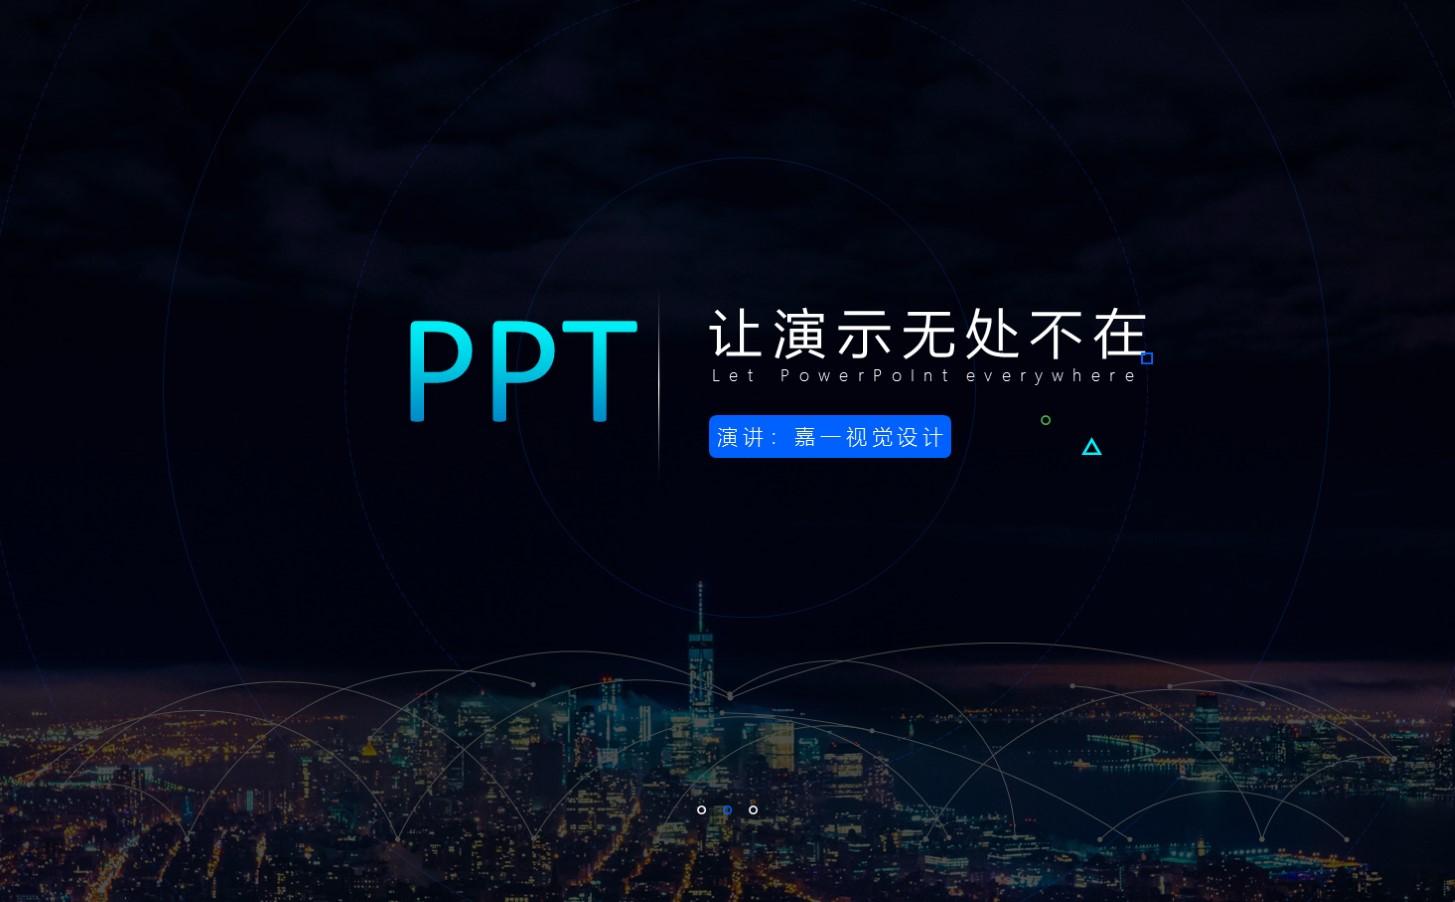 河南許昌市PPT代做-專業ppt設計10年經驗-歡迎咨詢